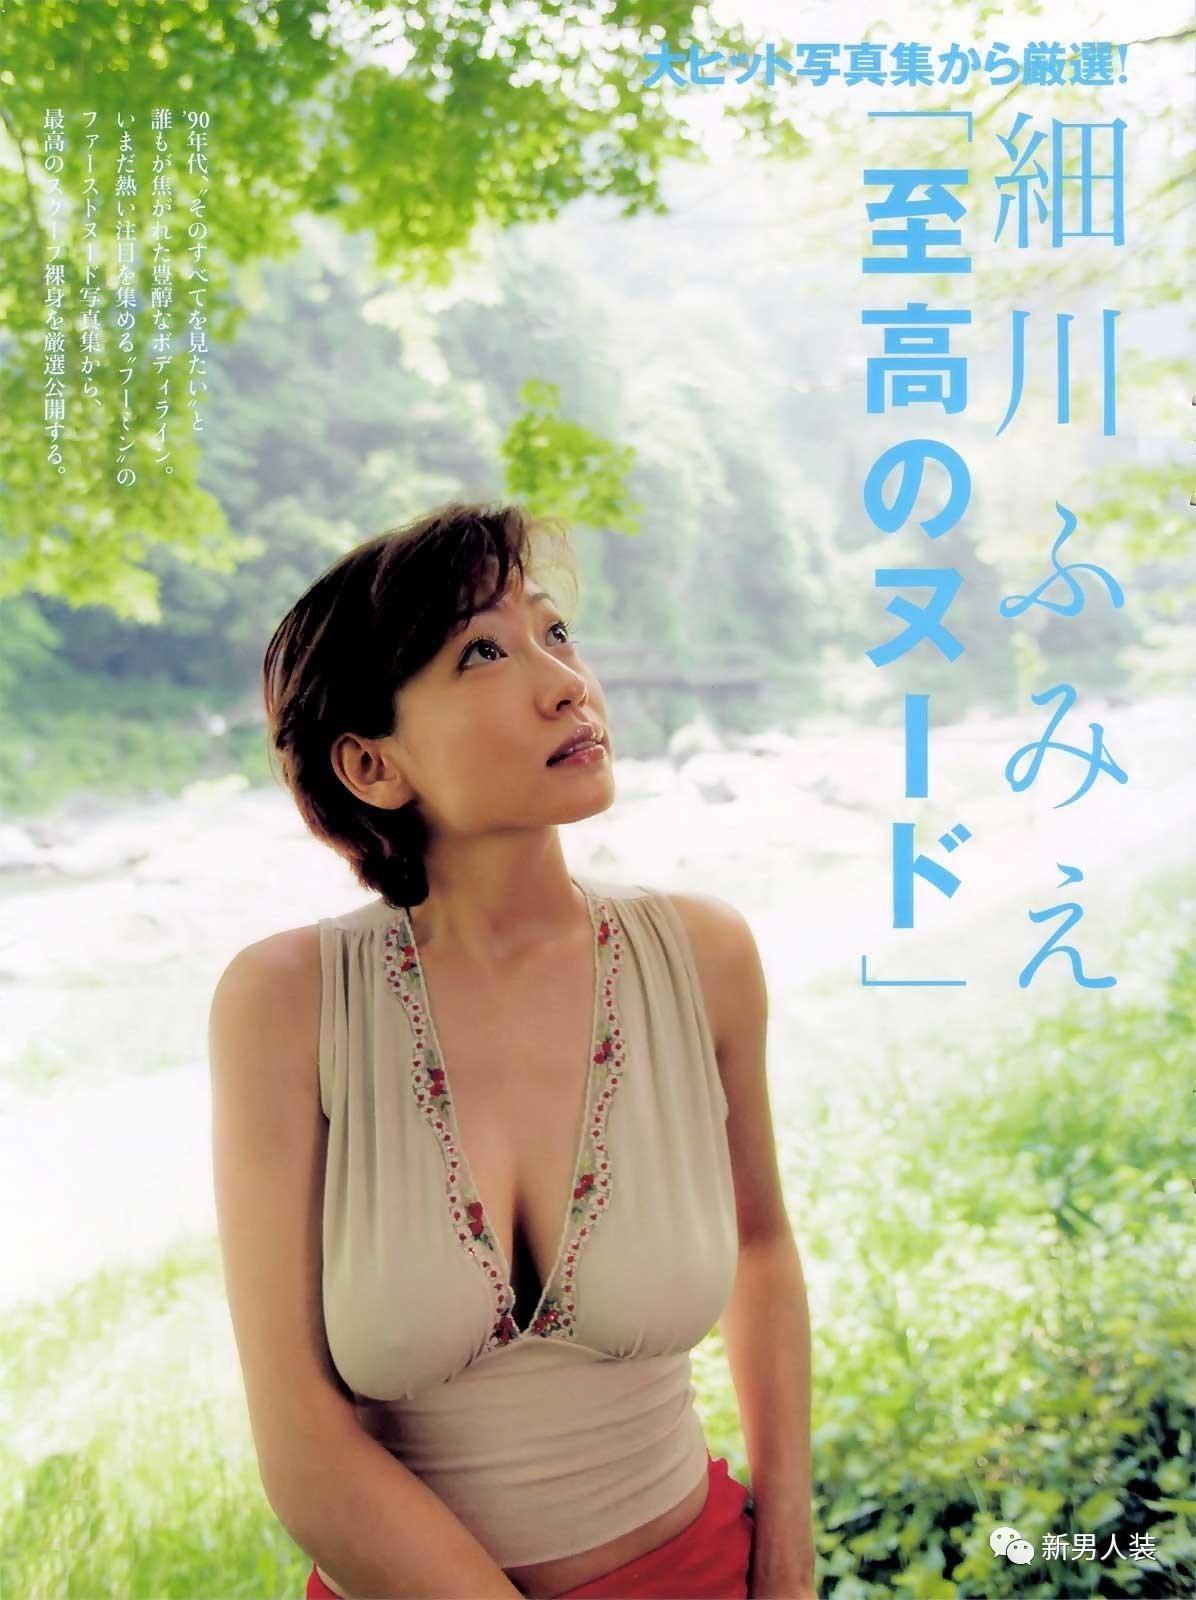 Takako Uehara recommendations